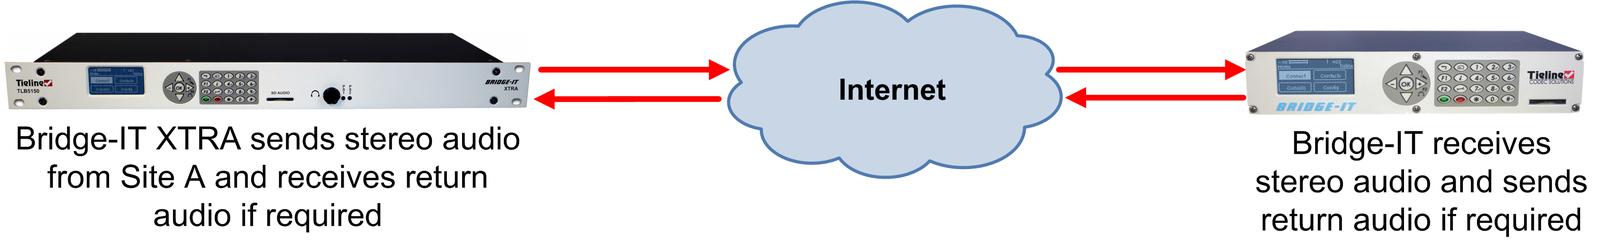 959_Bridge-IT_Point-to-Point_STL_v.1.0_20131016